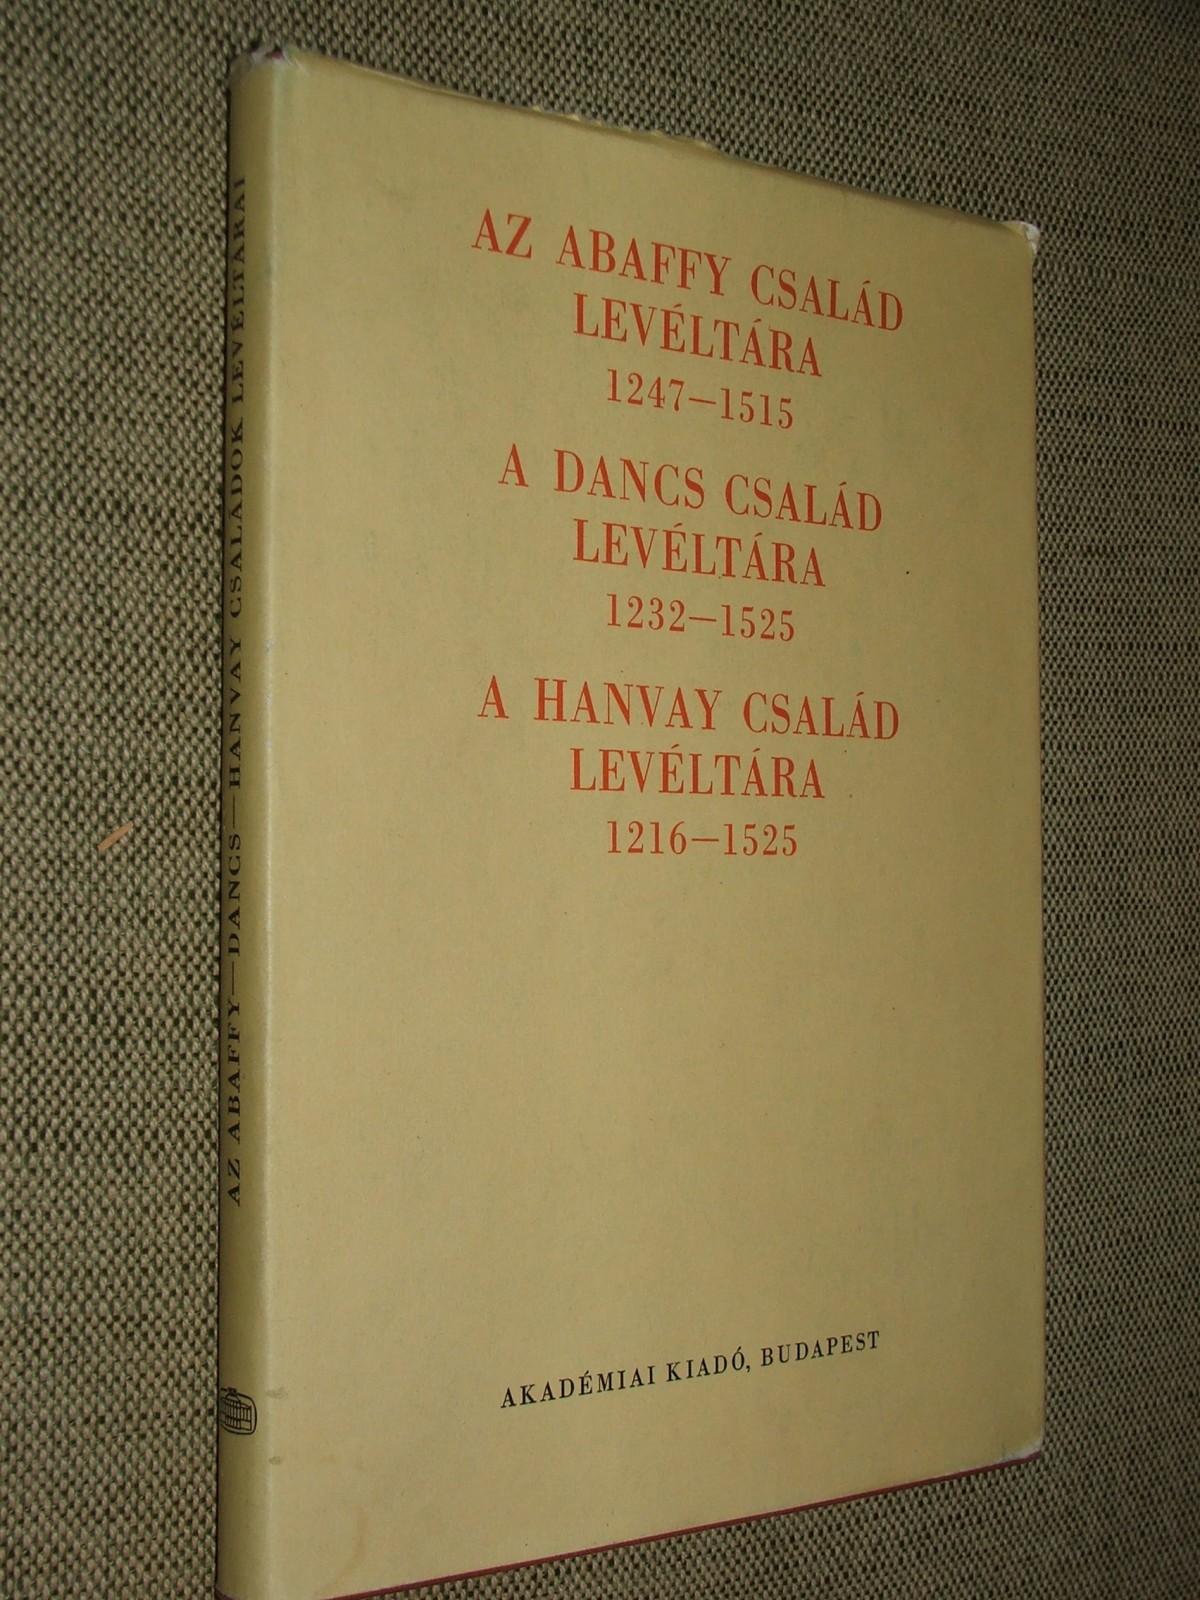 ILA Bálint-BORSA Iván: Az Abaffy család levéltára (1247-1515); A Dancs család levéltára (1232-1525); A Hanvay család levéltára (1216-1525)